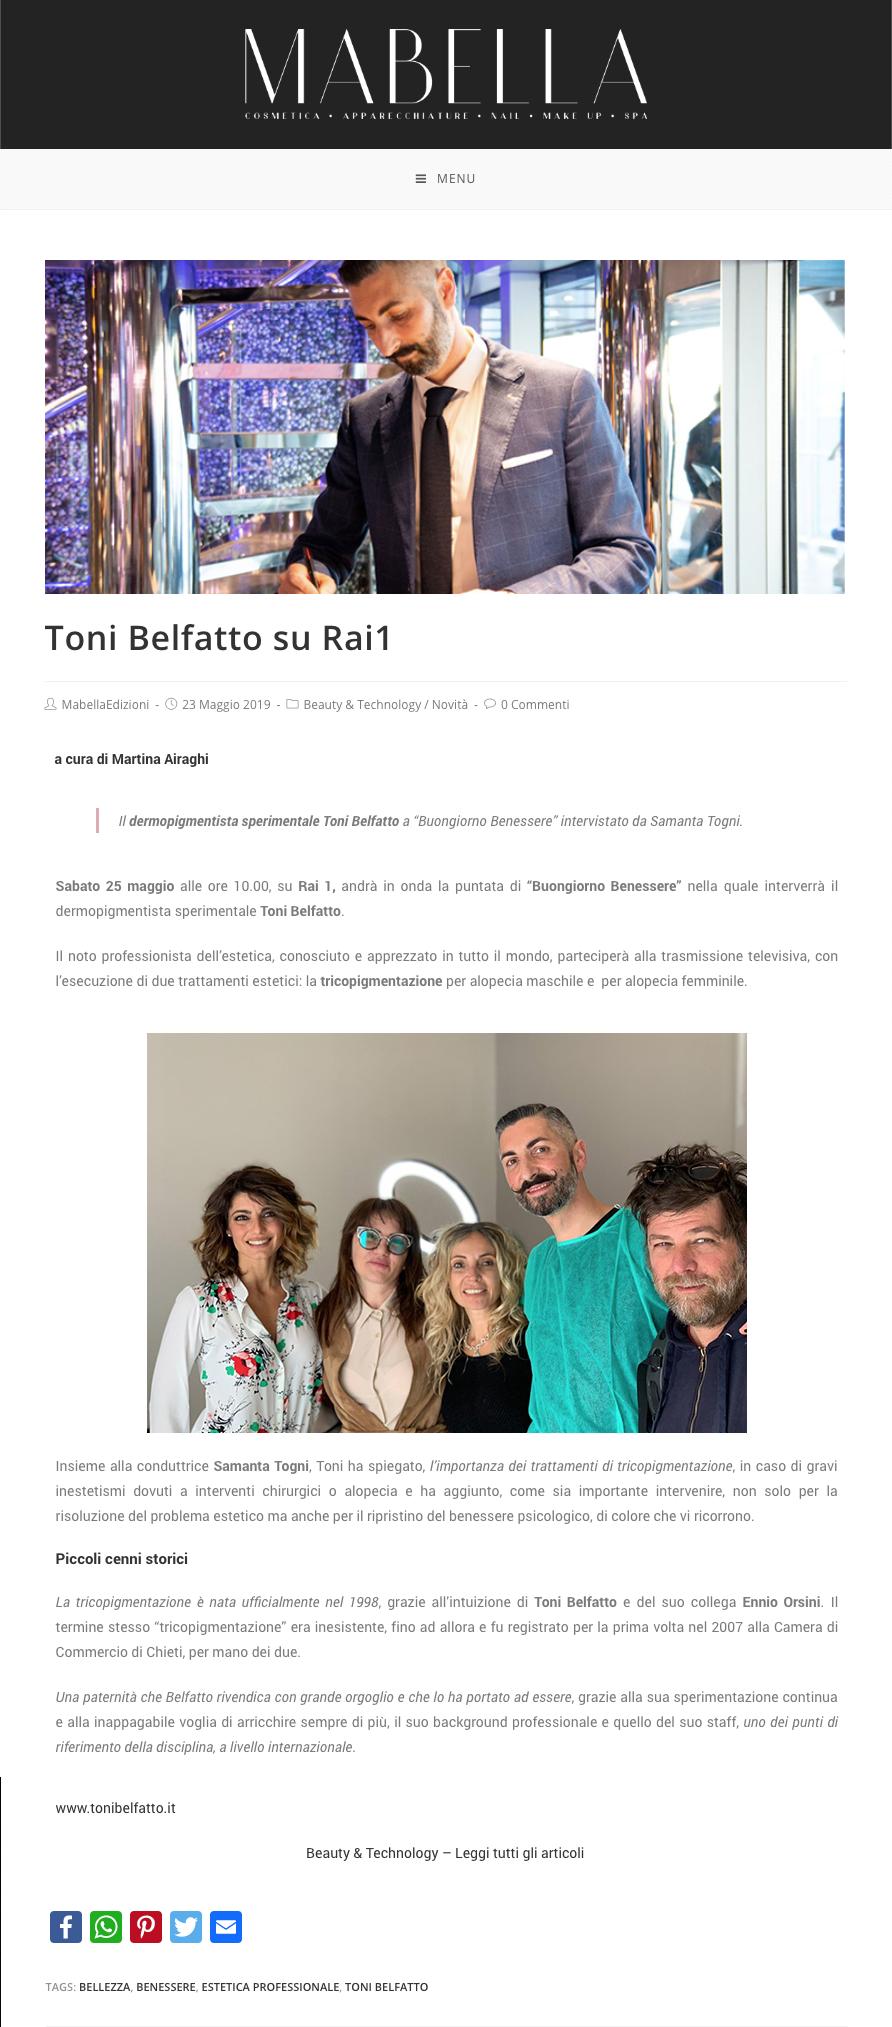 mabella 23 maggio 2019 - Toni Belfatto su Rai 1